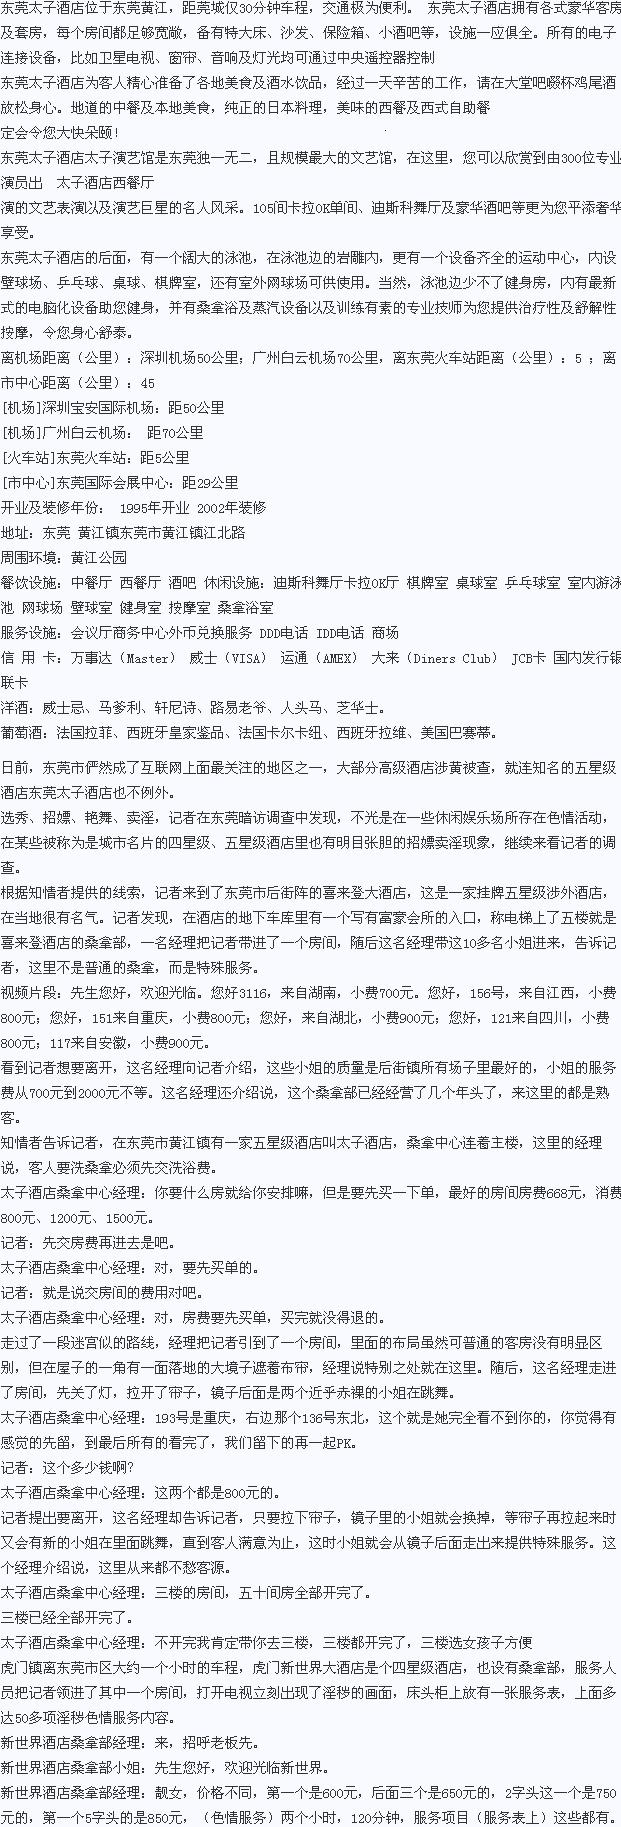 东莞黄江太子酒店美女视频快播,东莞太子酒店